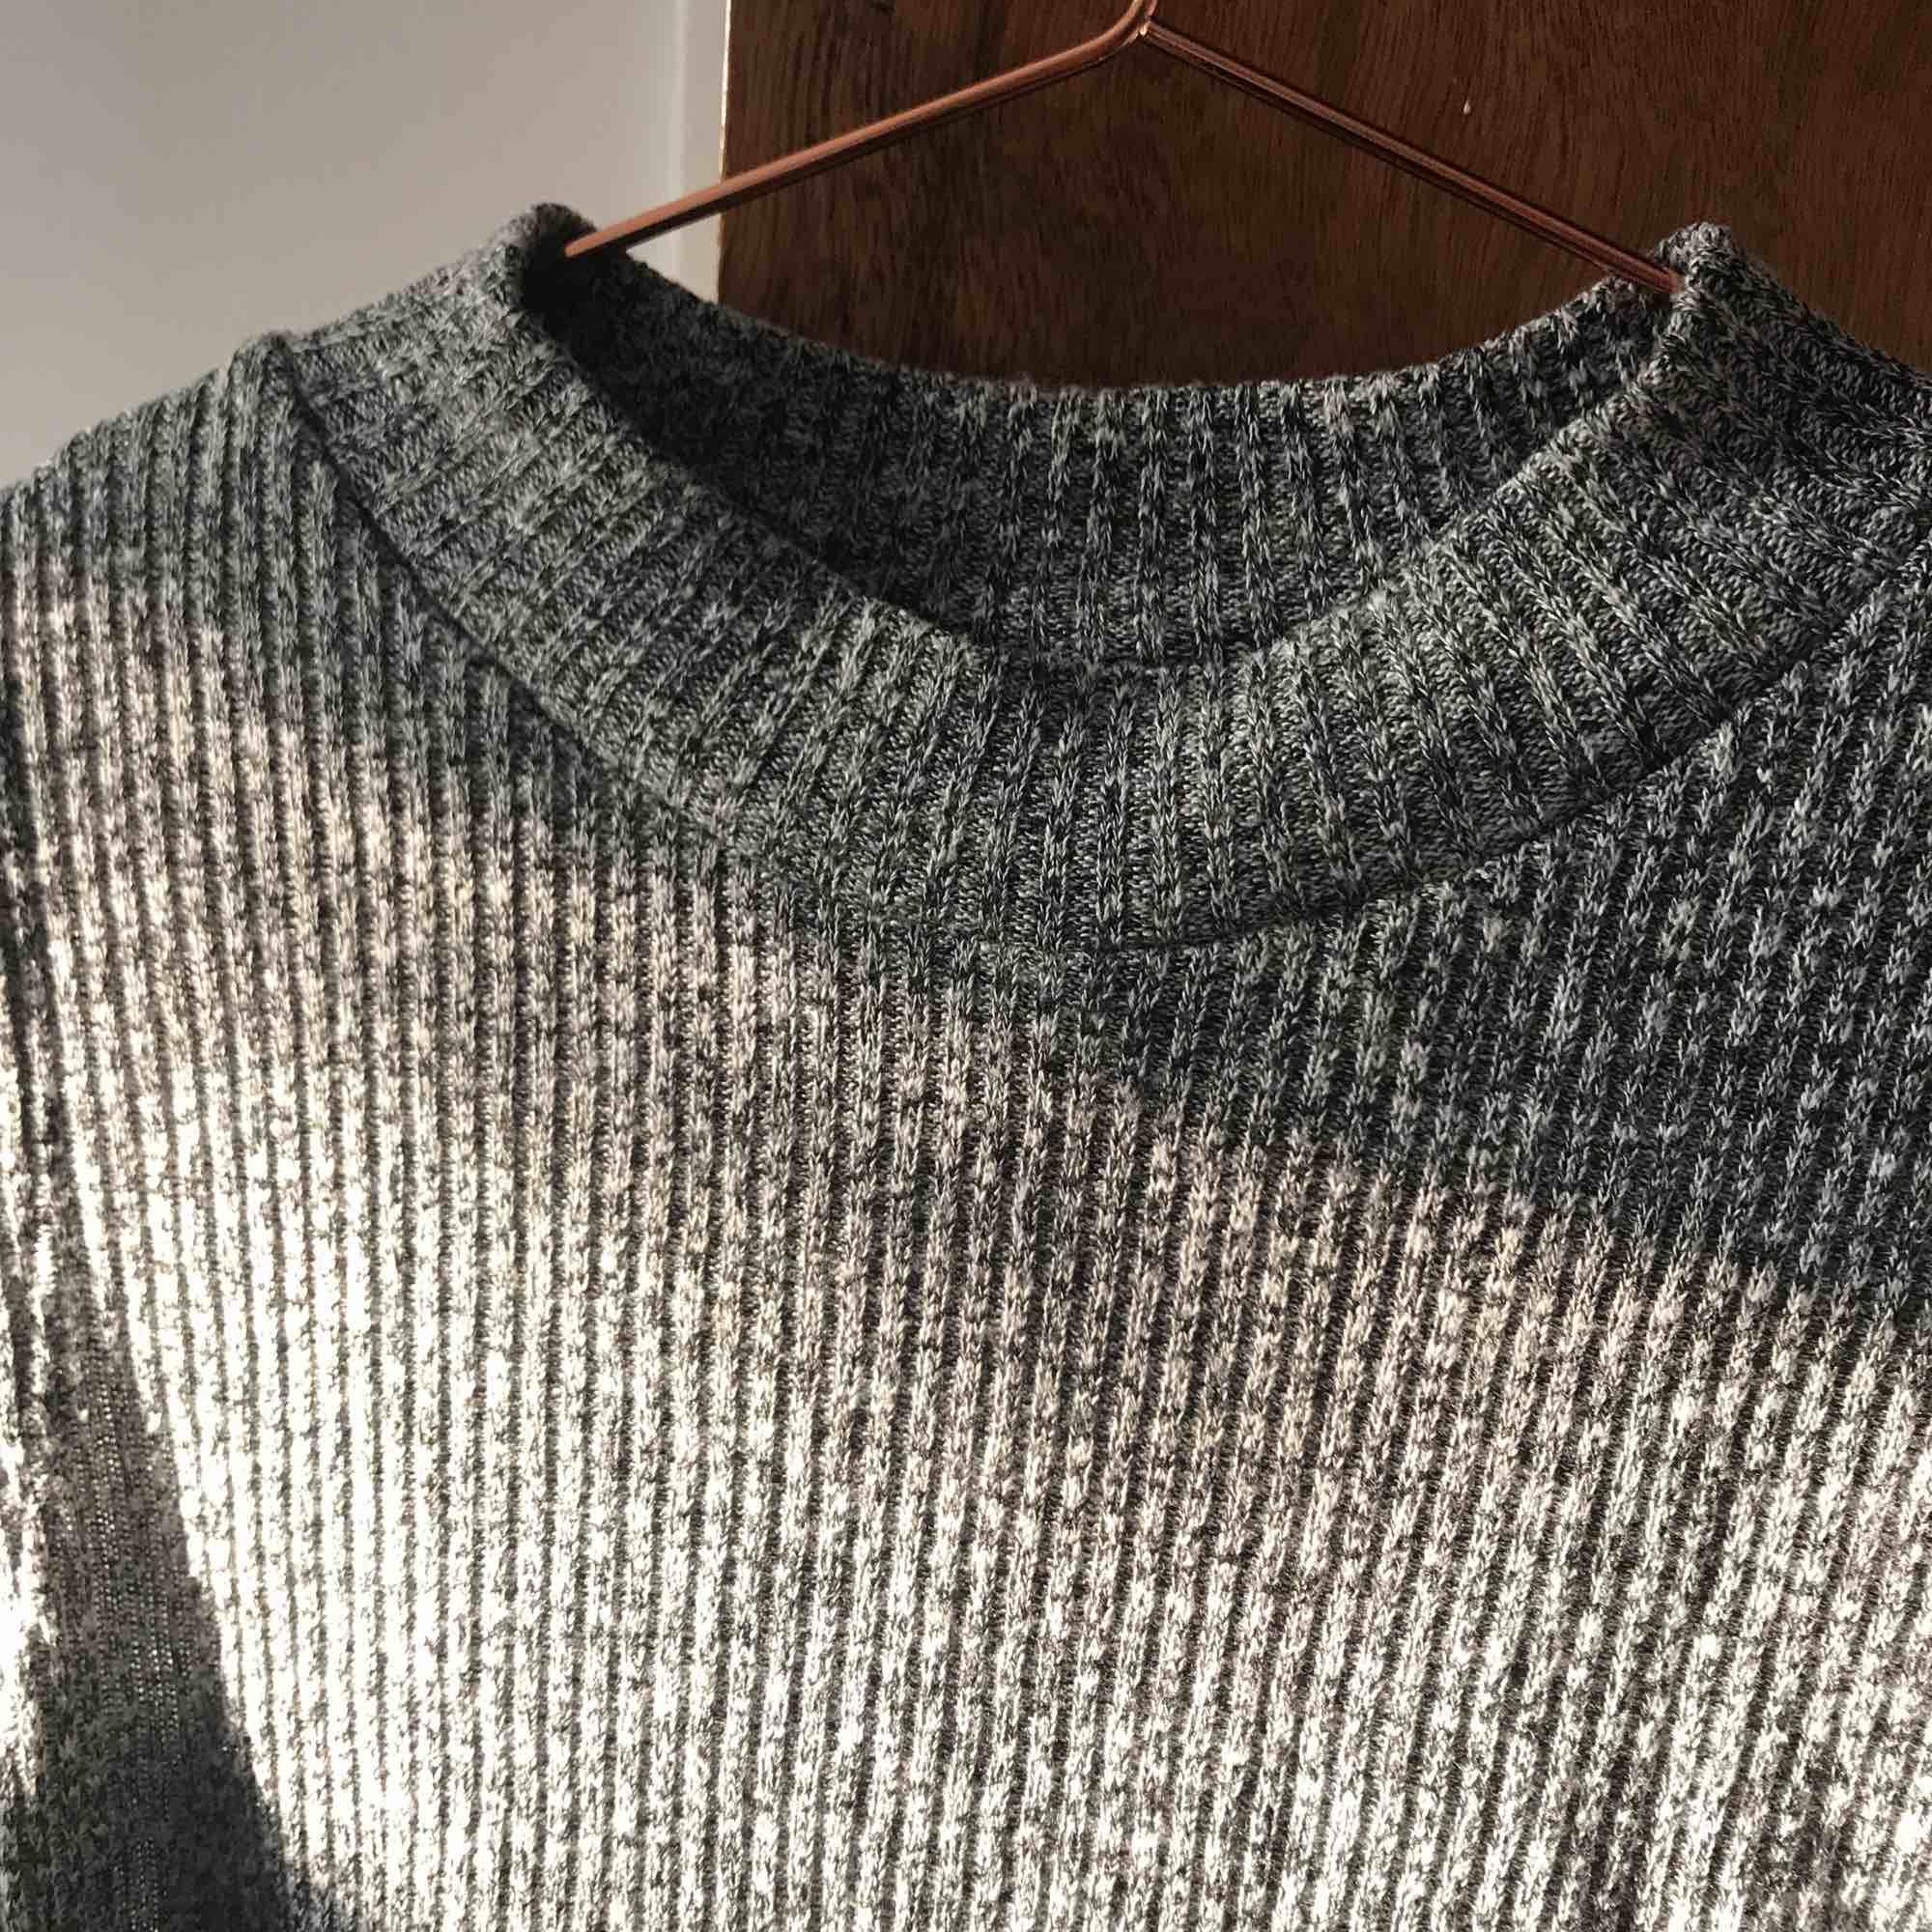 Halvpolo tröja med öppning längst sidorna, kan mötas upp i gbg annars betalar köpare för frakt! Ha det bra:). Toppar.